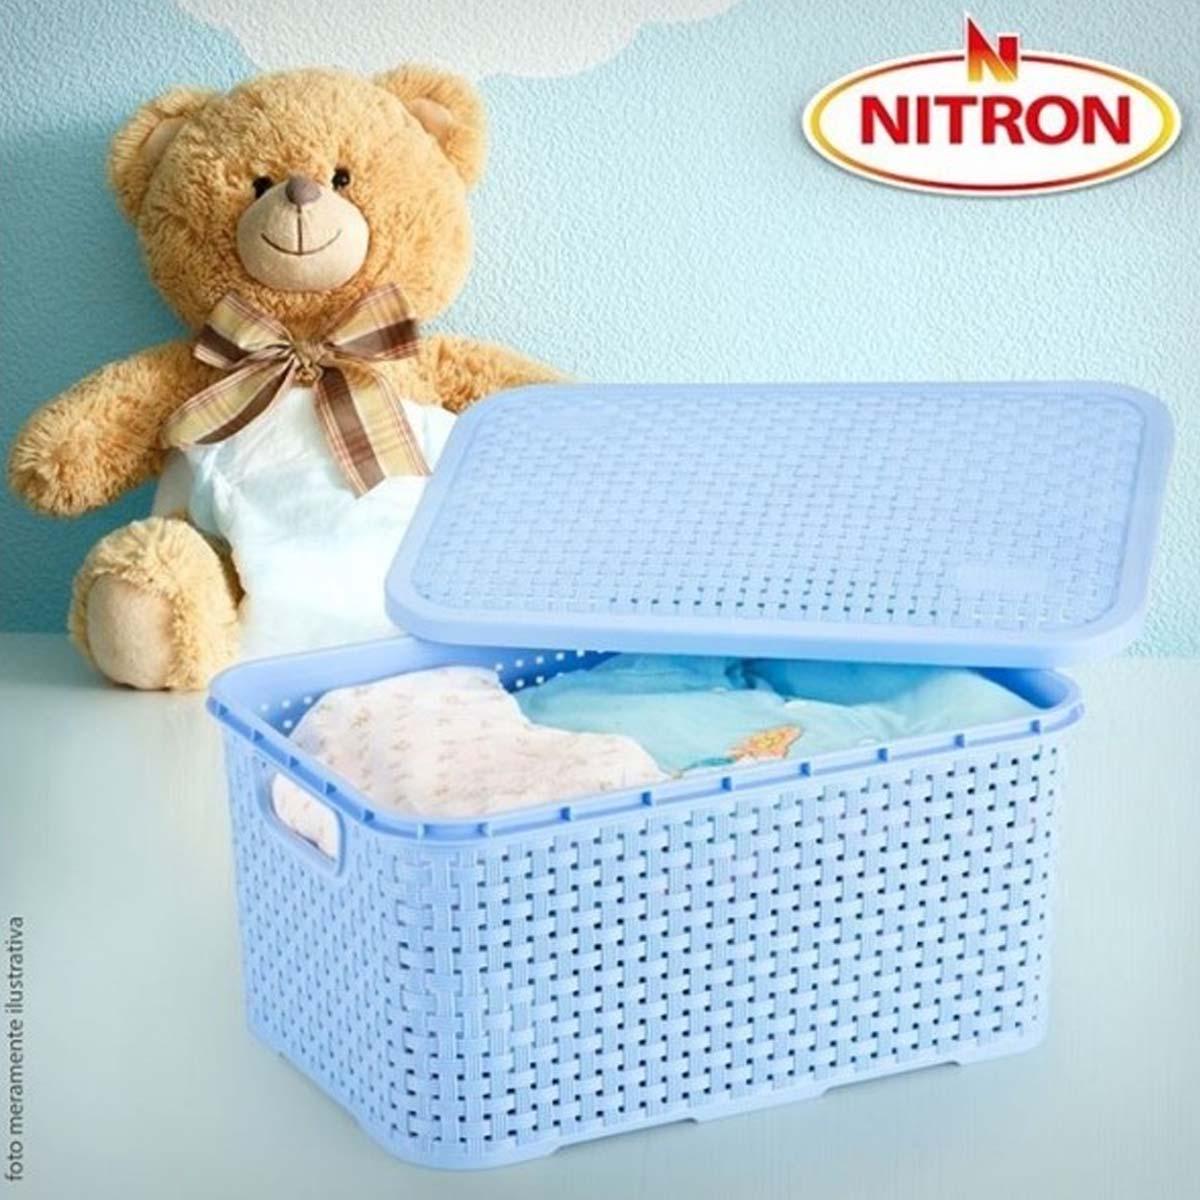 Caixa Organizadora Plástica Rattan Nitron Tampa Cesto Branco P